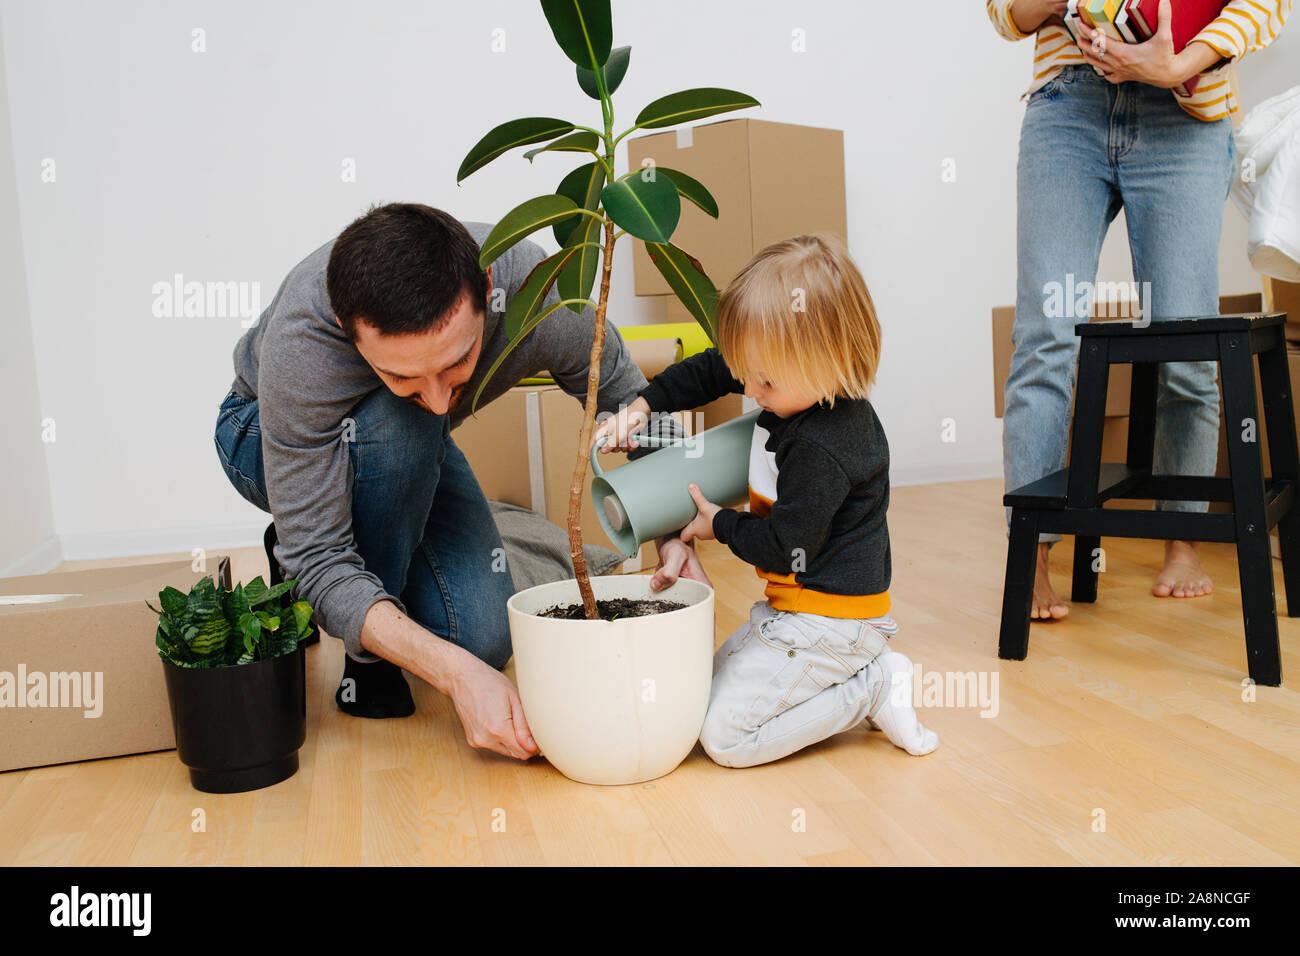 Familie zog in eine neue Wohnung. Kind Bewässerung Anlage während Eltern auspacken. Stockfoto